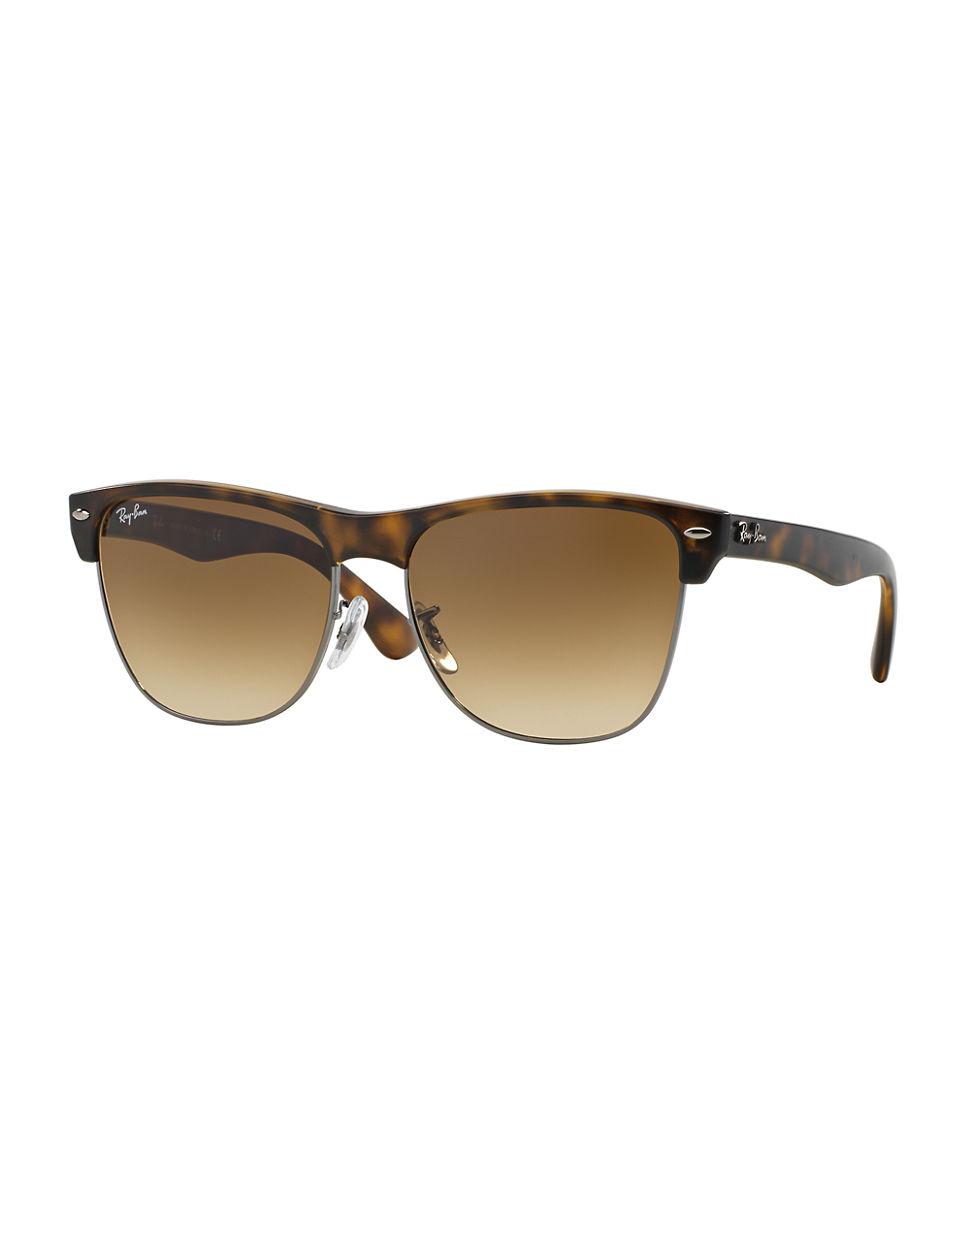 Очки солнцезащитные хром хард